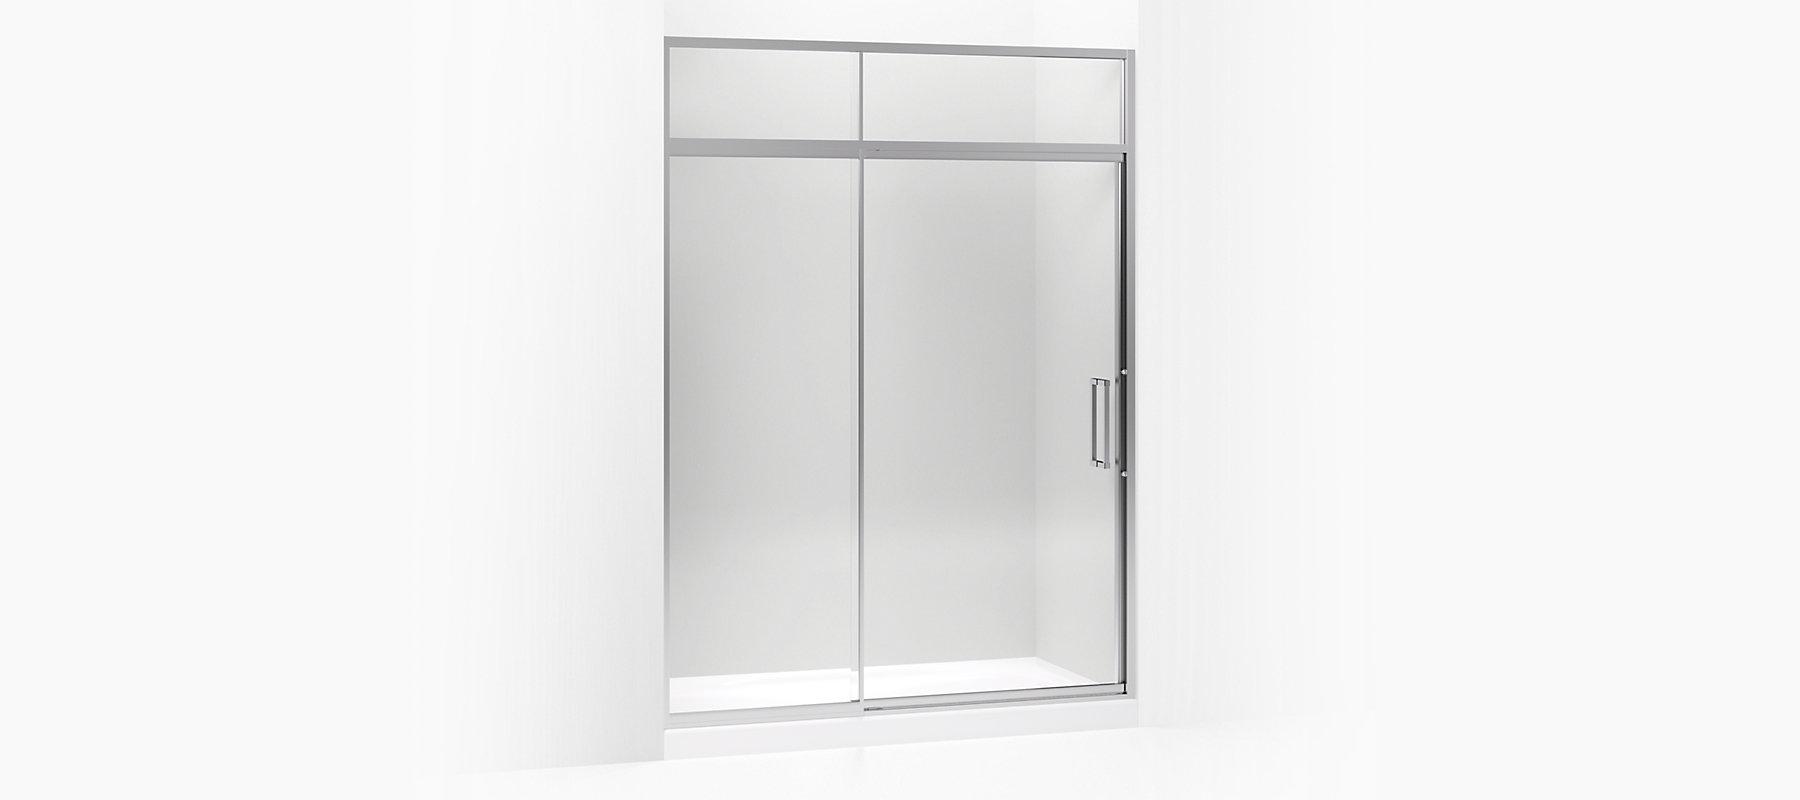 Lattis Semi Frameless Pivot Shower Door With Transom K